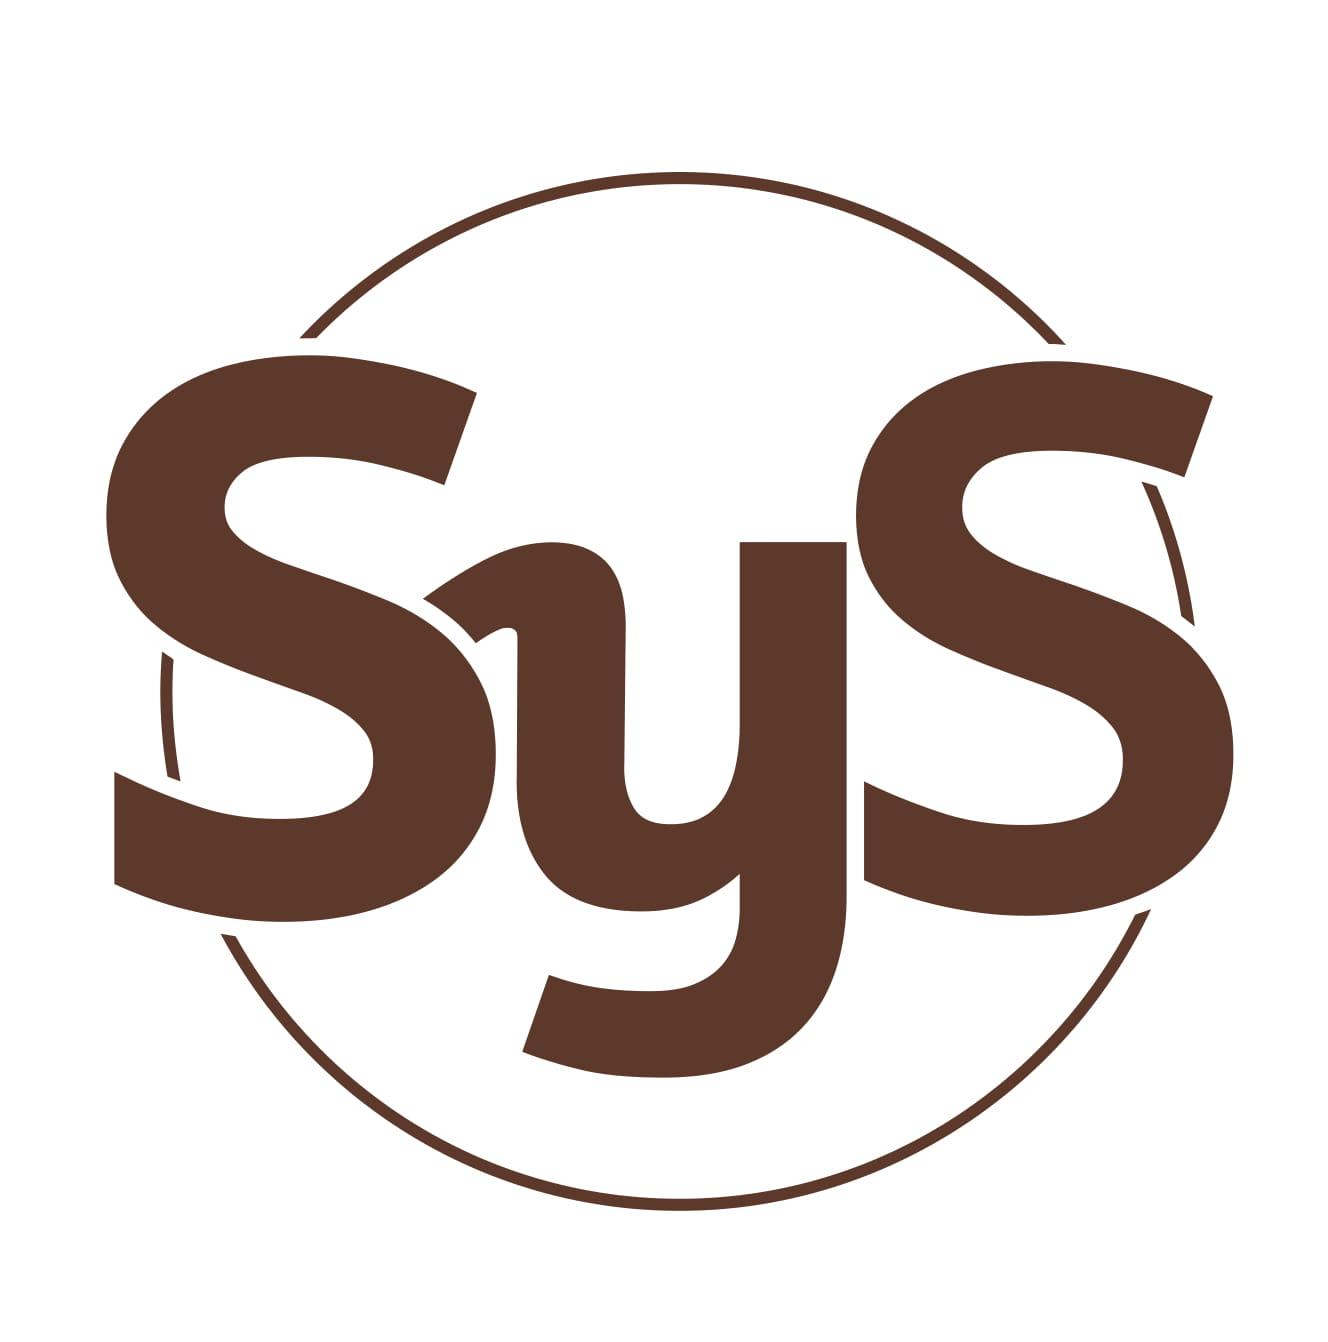 Makarony i kaszotta Sys, czyli proste i szybkie gotowanie